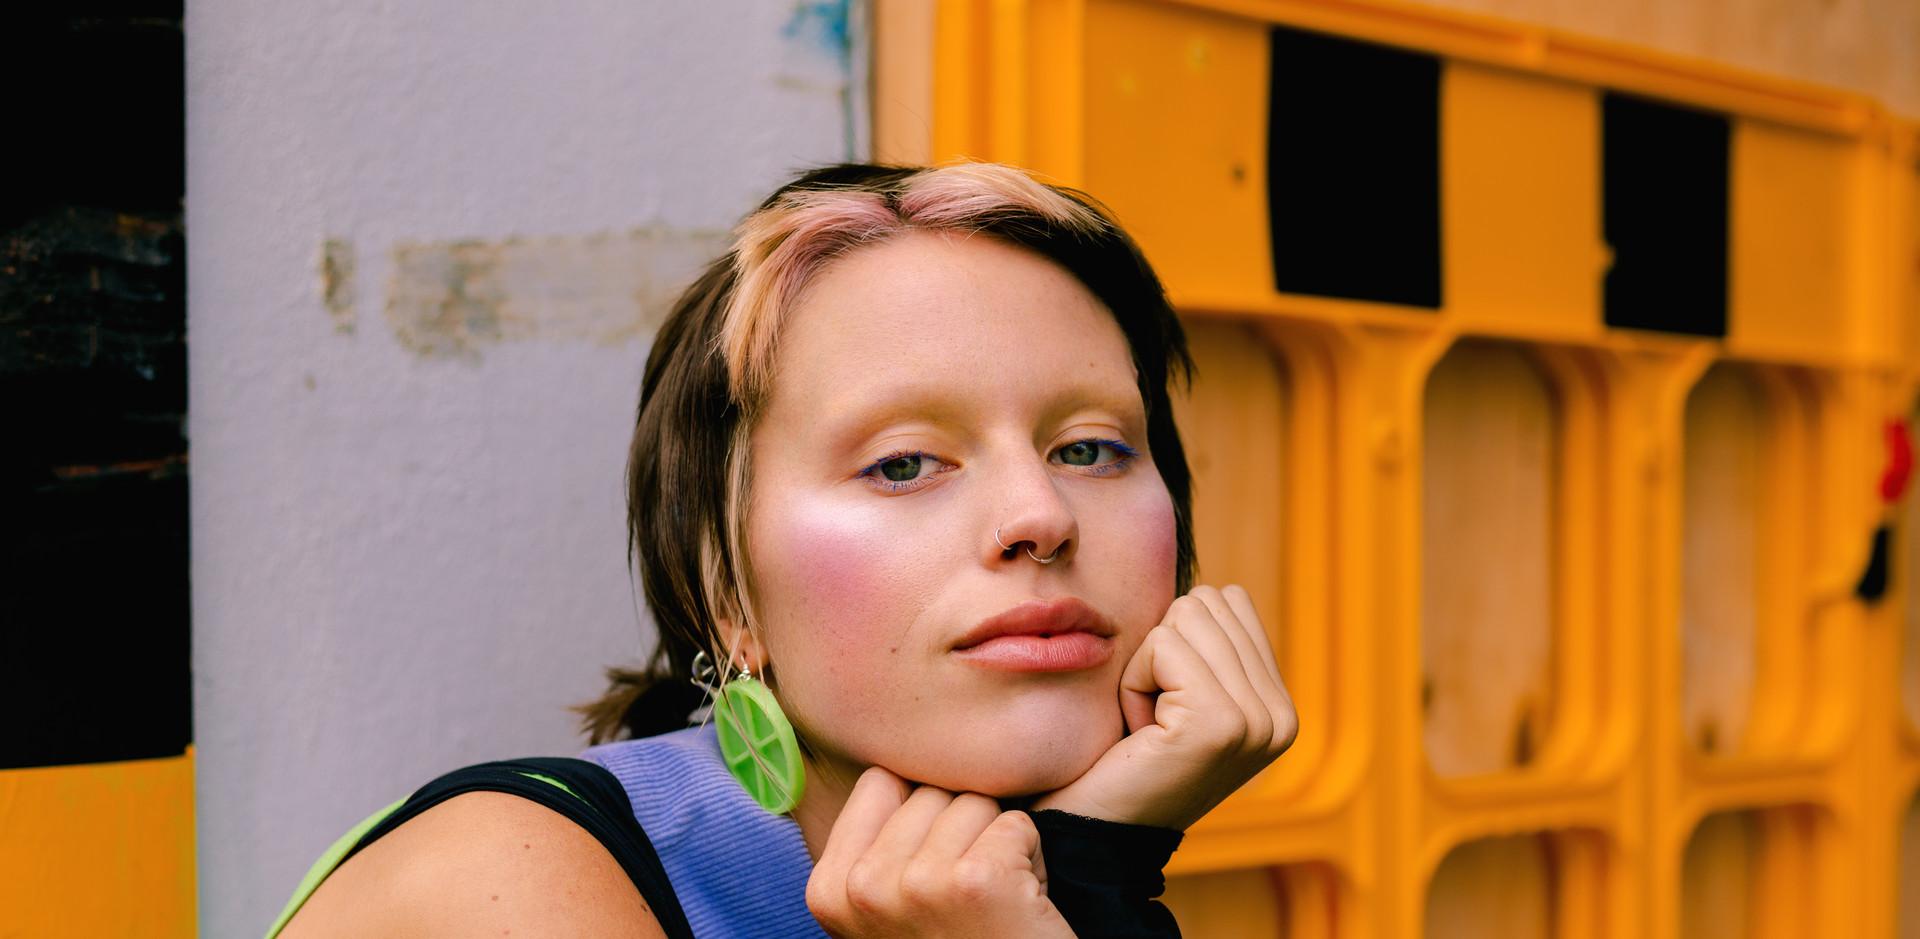 Dani for Fashion Grunge Magazine